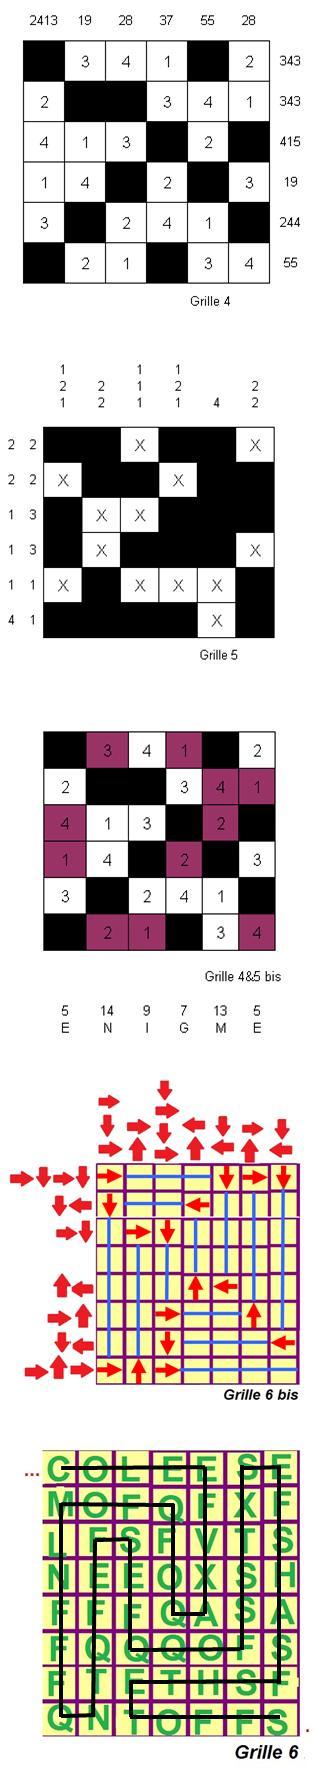 http://www.prise2tete.fr/upload/Passetemps-Gilles355-G4-G6.JPG